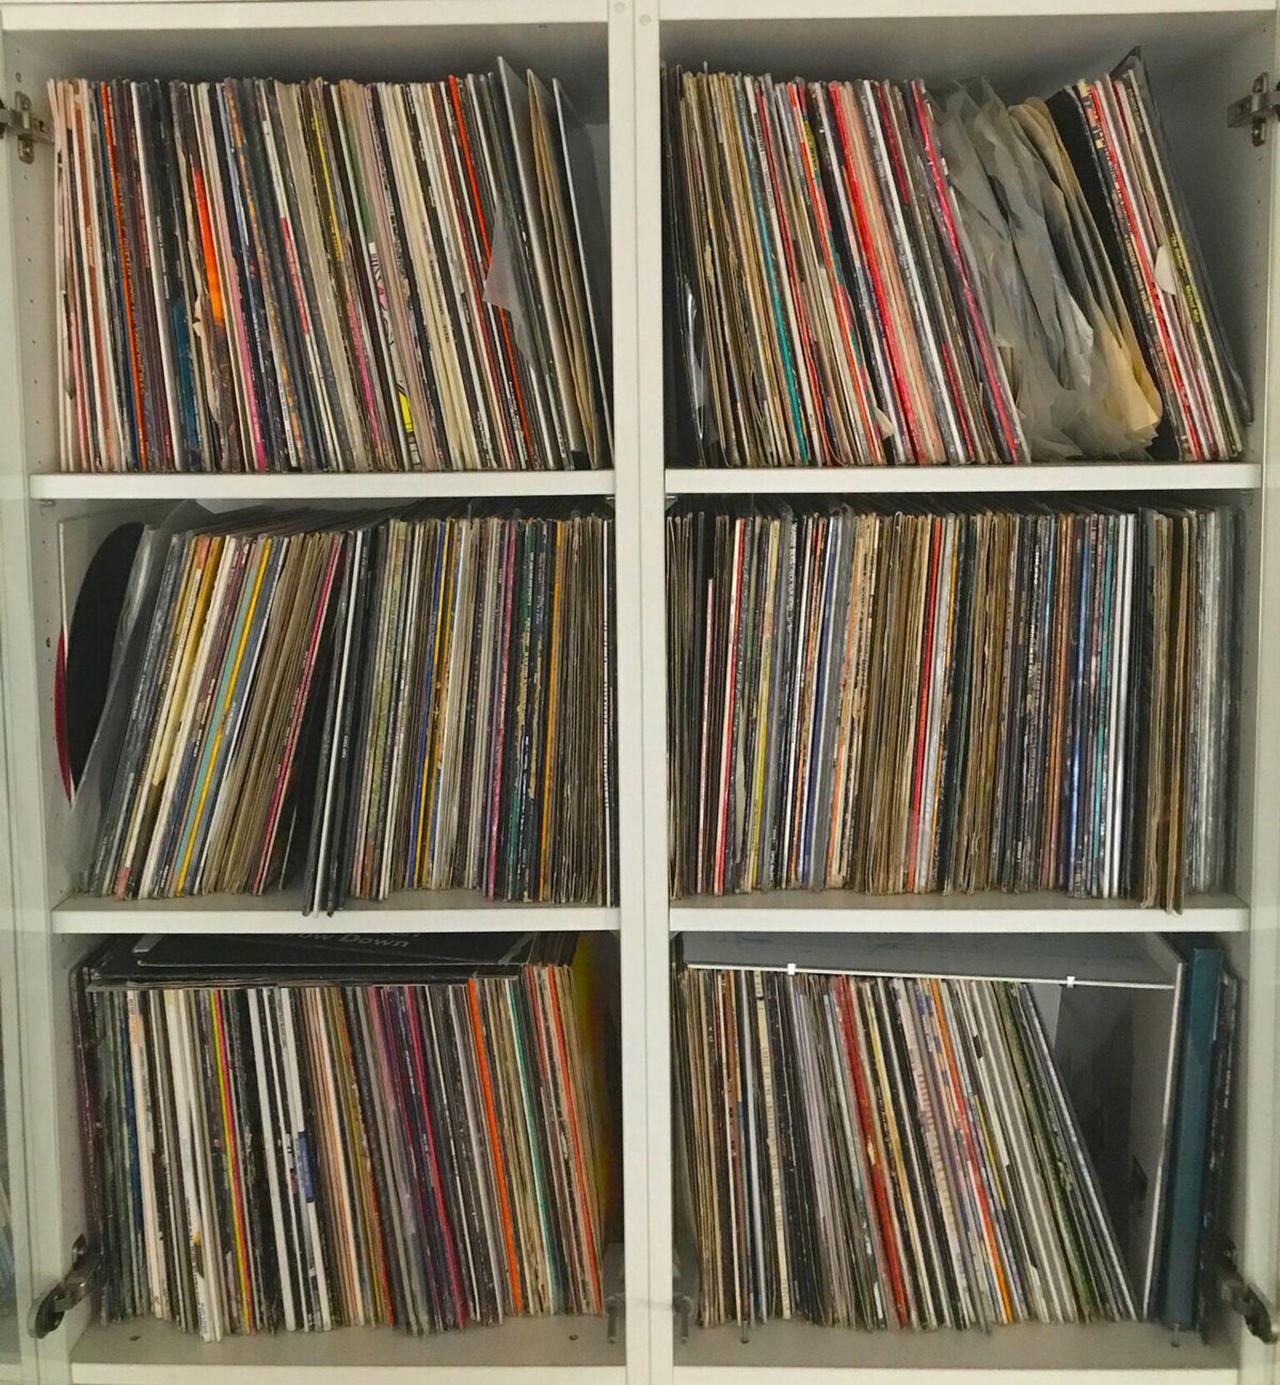 Ein Plattenregal voller Vinylplatten